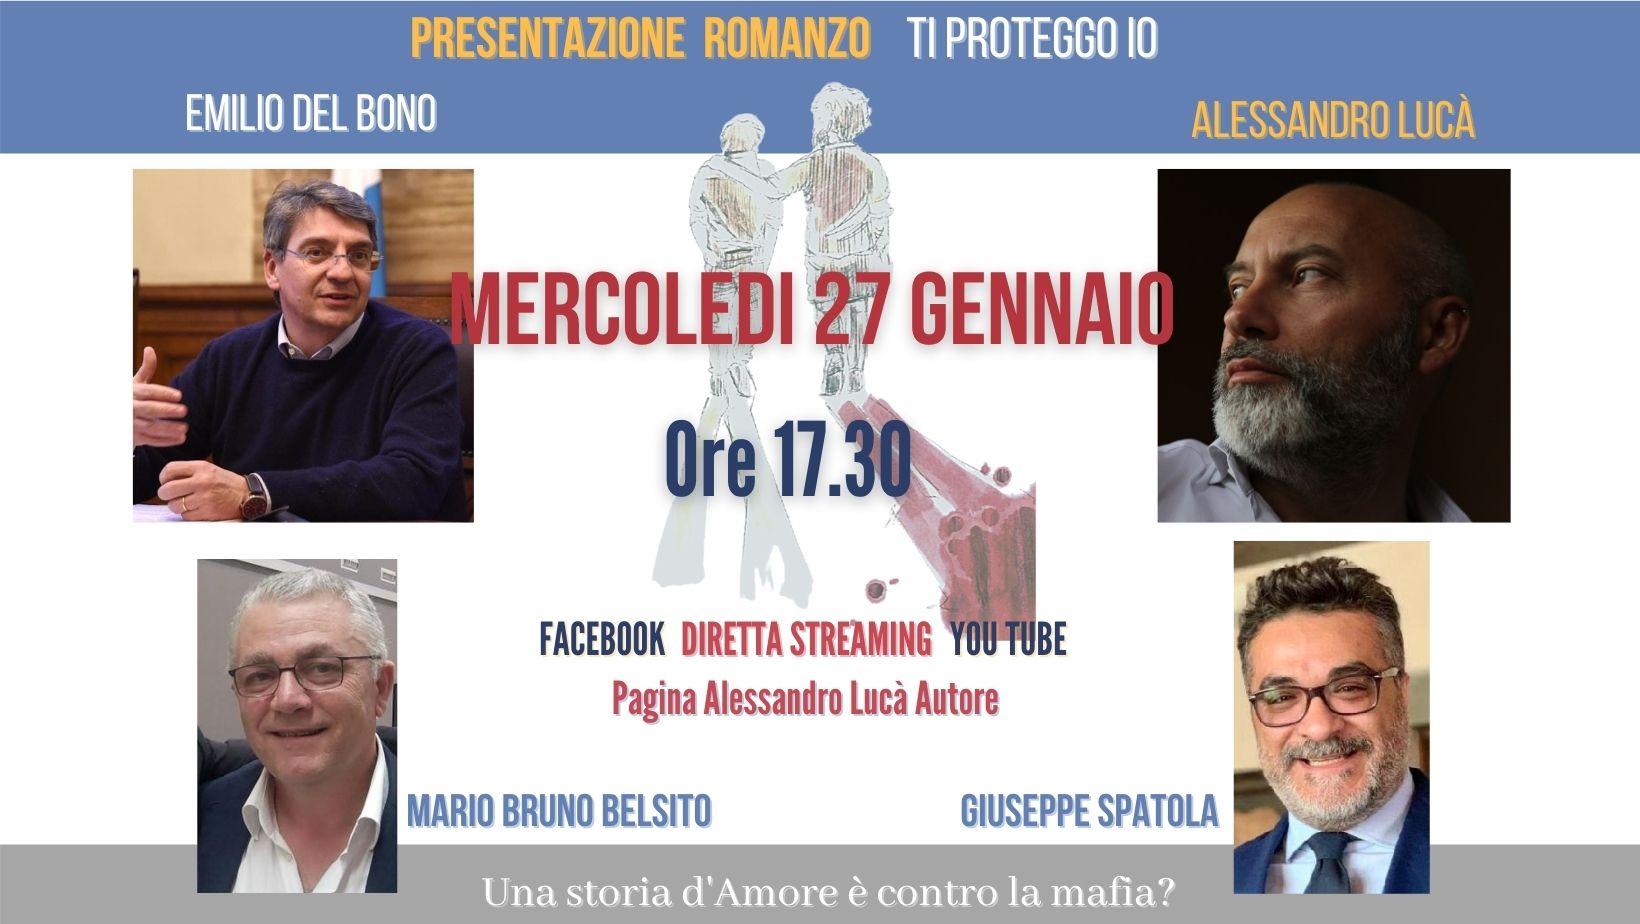 """Presentazione """"Ti proteggo io"""" con Emilio Del Bono (sindaco di Brescia)"""